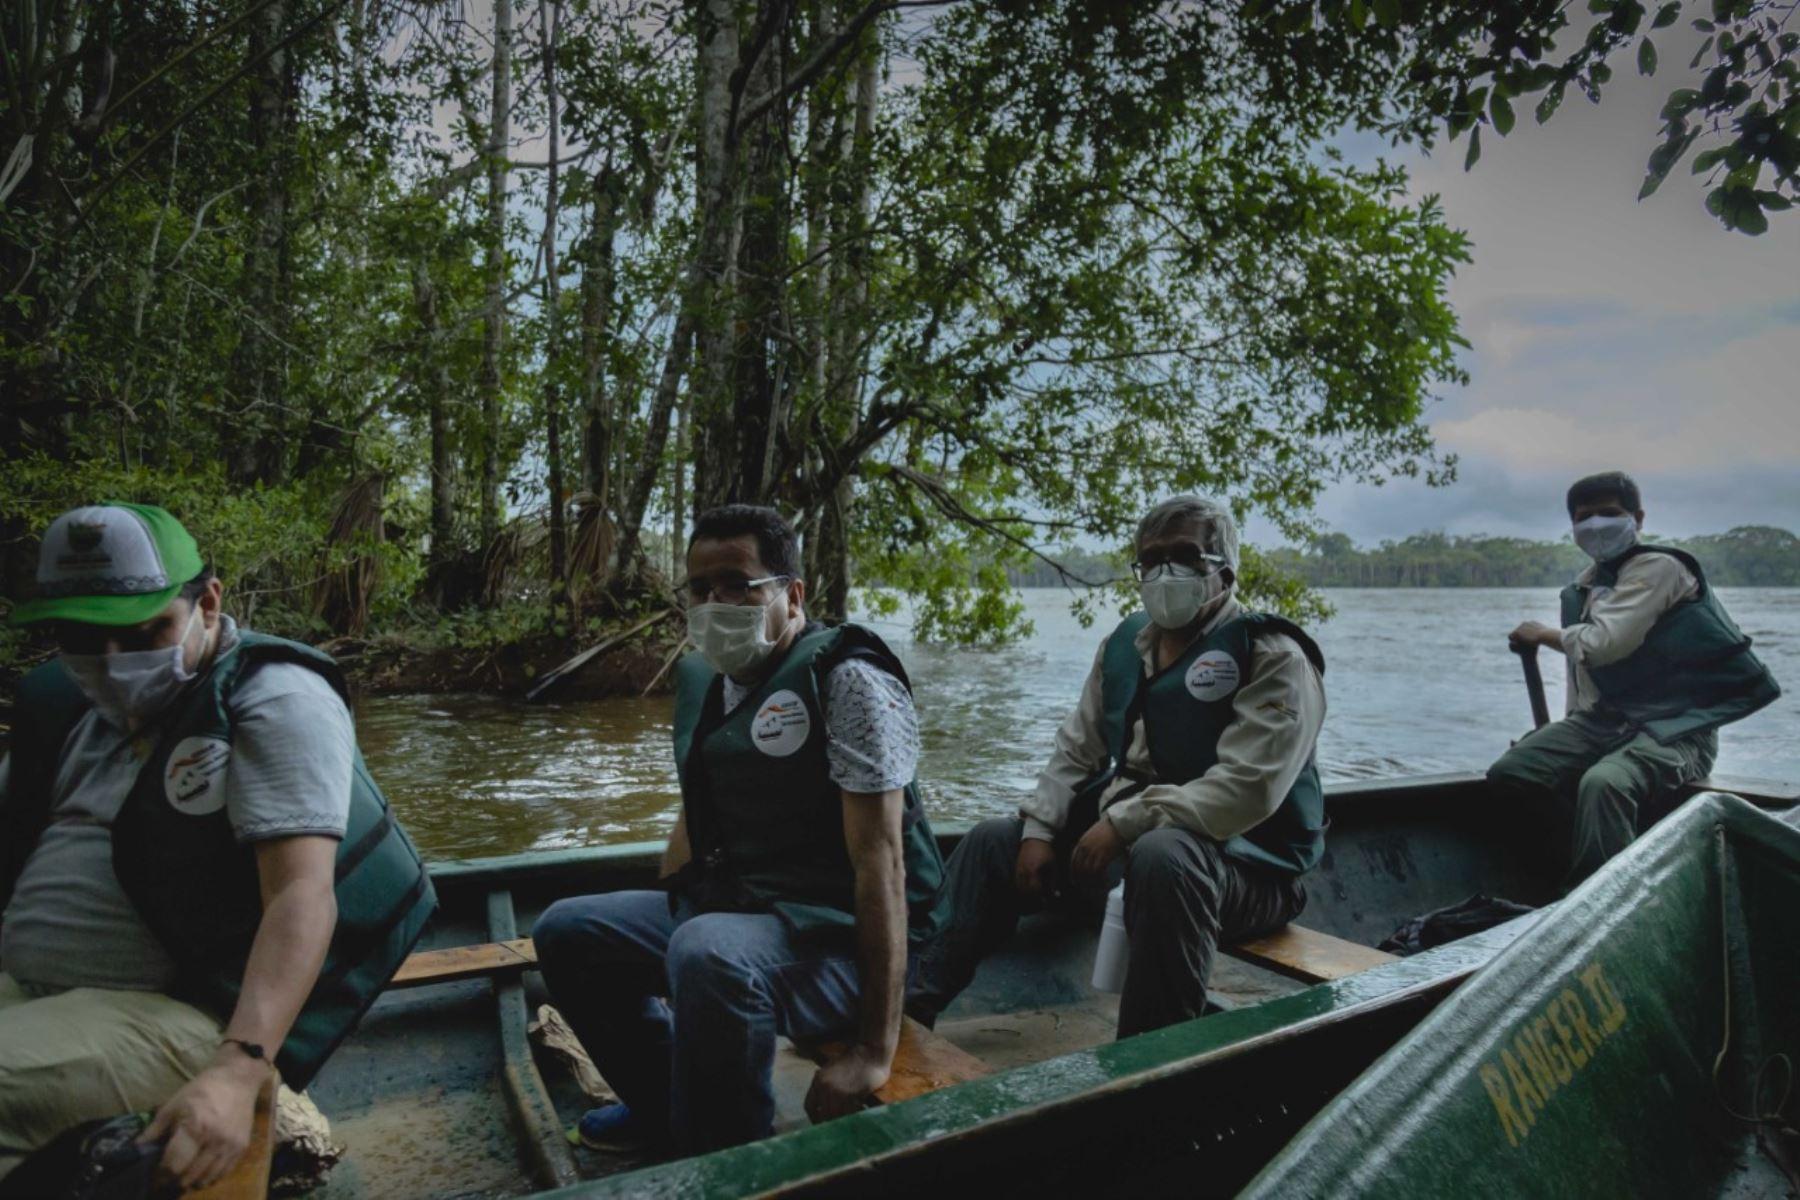 Desde hoy se reinician de manera progresiva las actividades y visitas al principal atractivo turístico de naturaleza de la región Madre de Dios como es la Reserva Nacional Tambopata. Foto: SERNANP